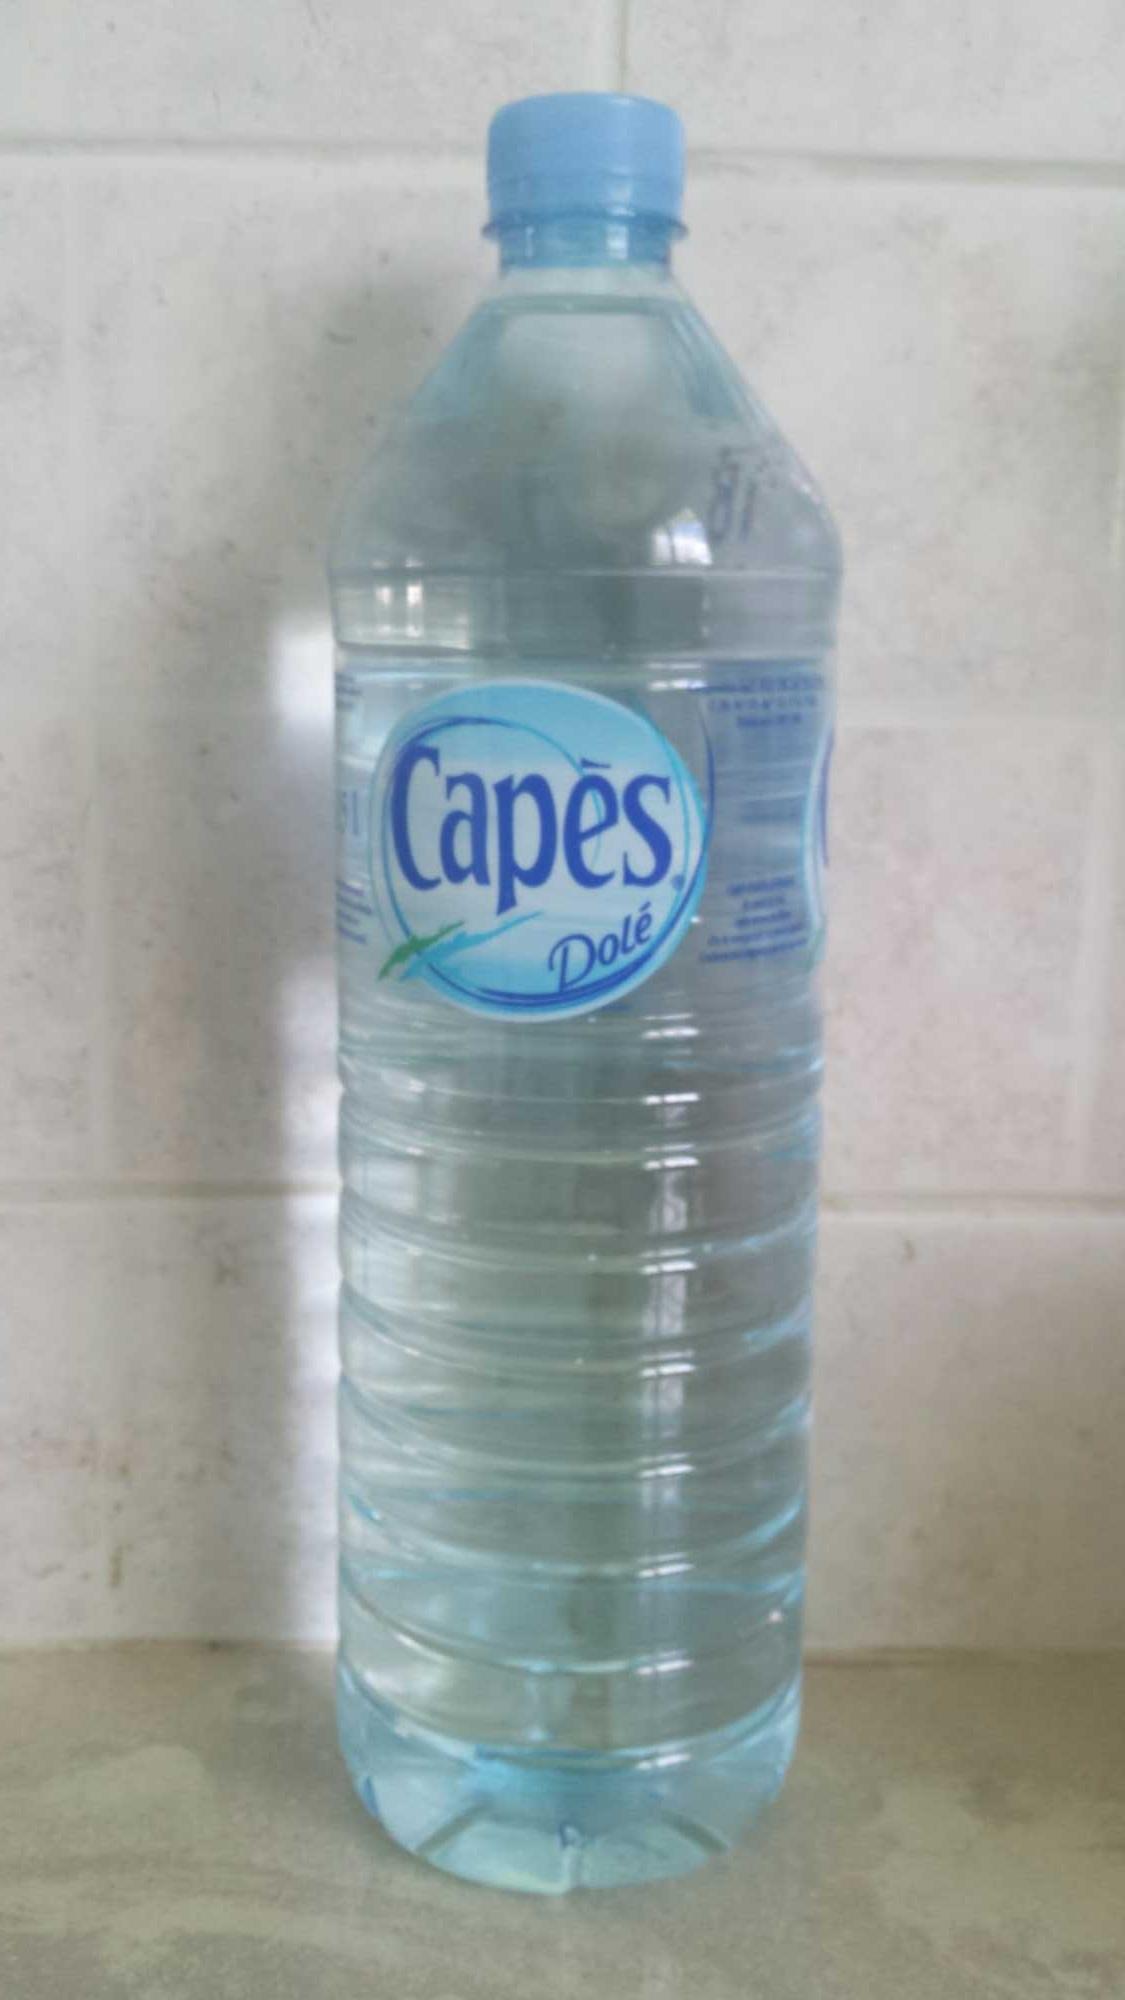 Capès Dolé - Produit - fr